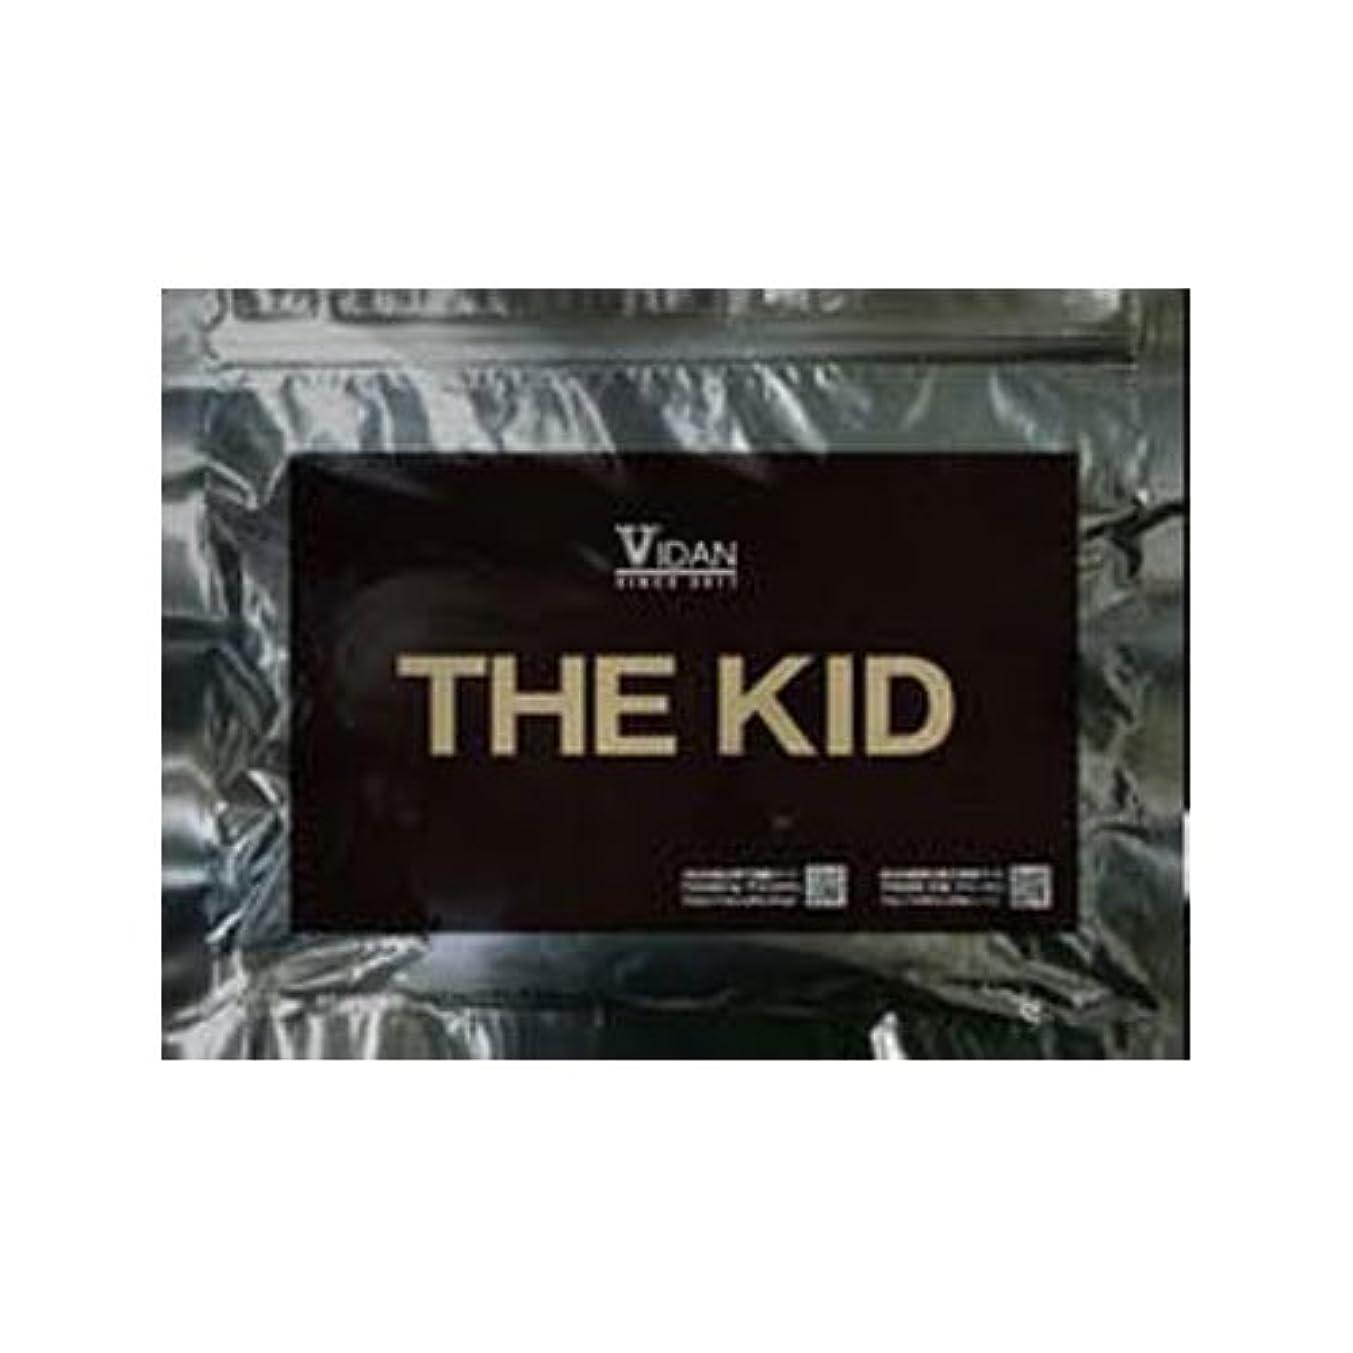 消費者注目すべき小人:ビダンザキッド VIDAN THE KID 20枚入り